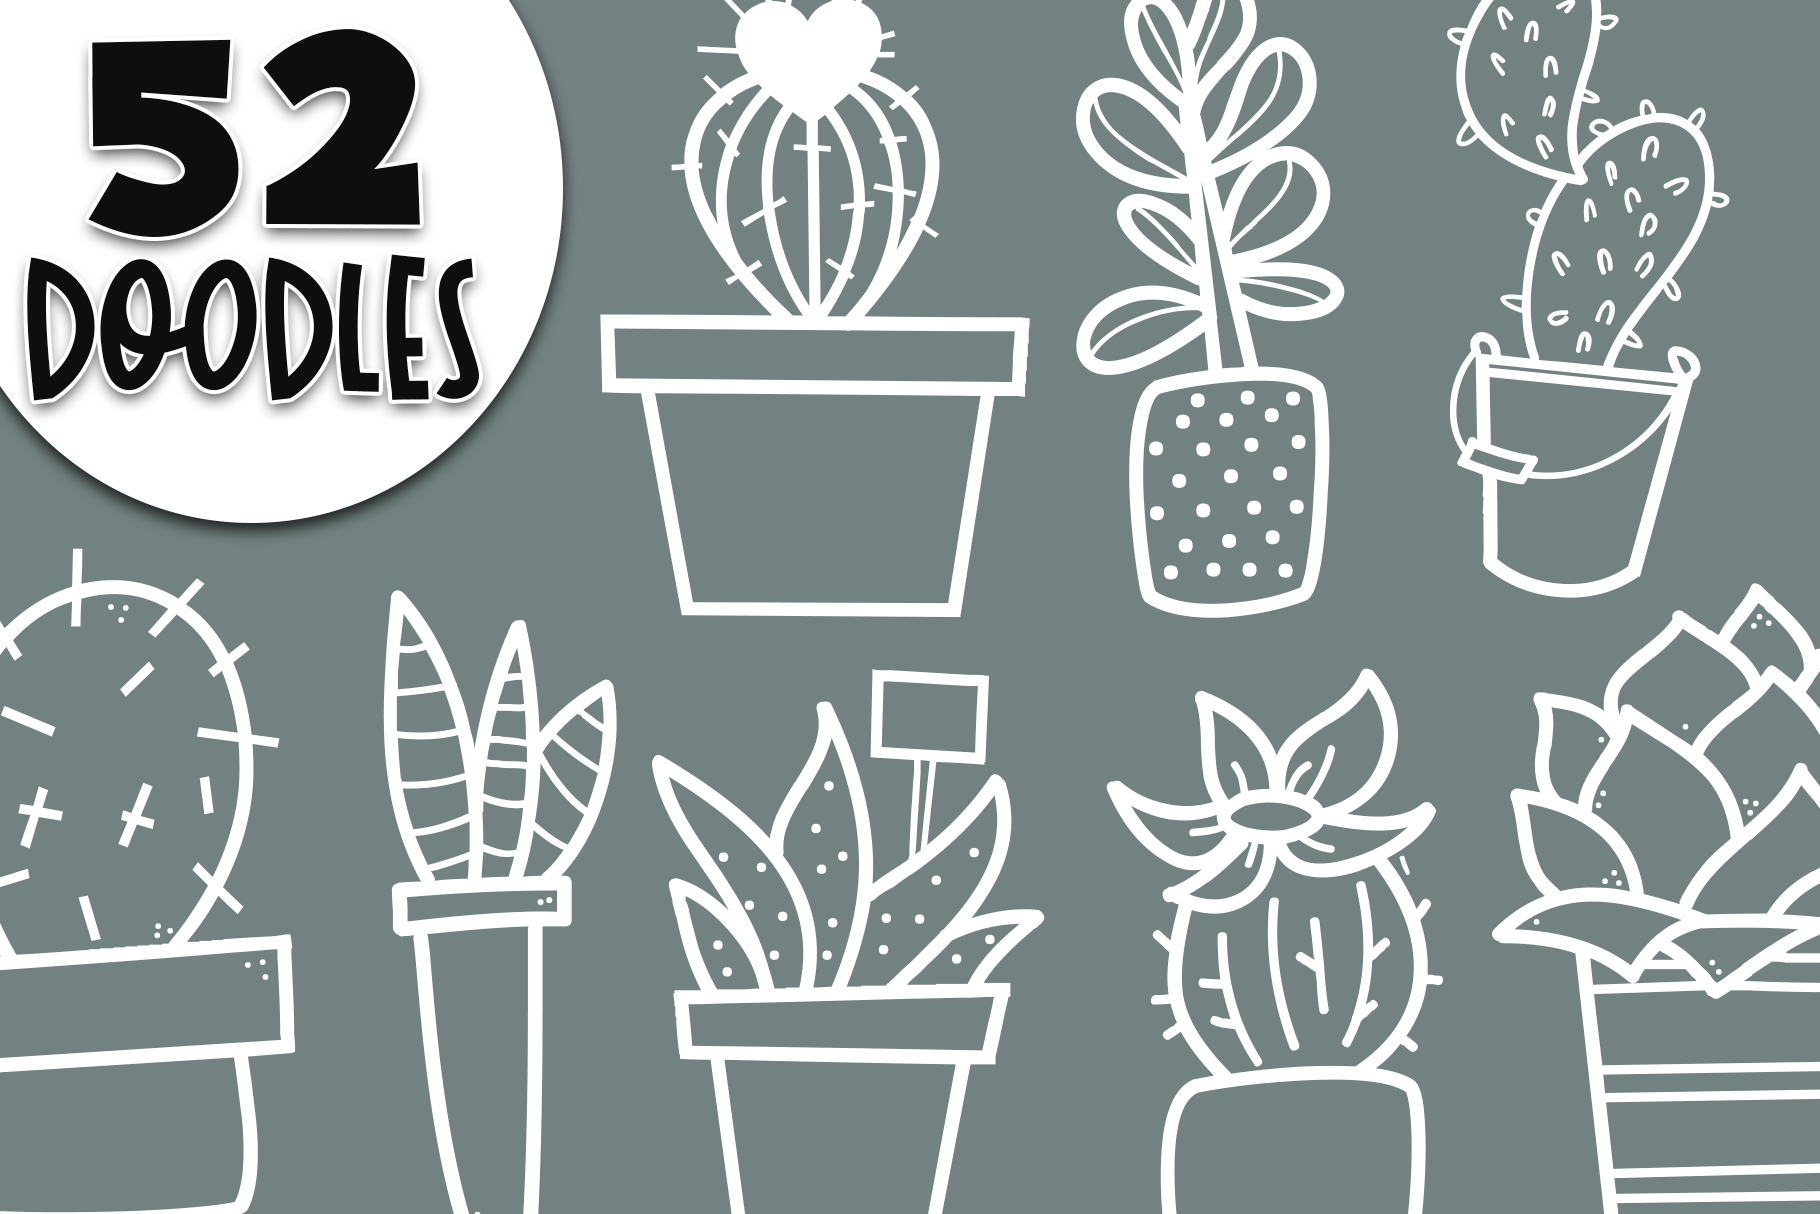 Fancactus - A Cactus & Succulent Doodle Font example image 4